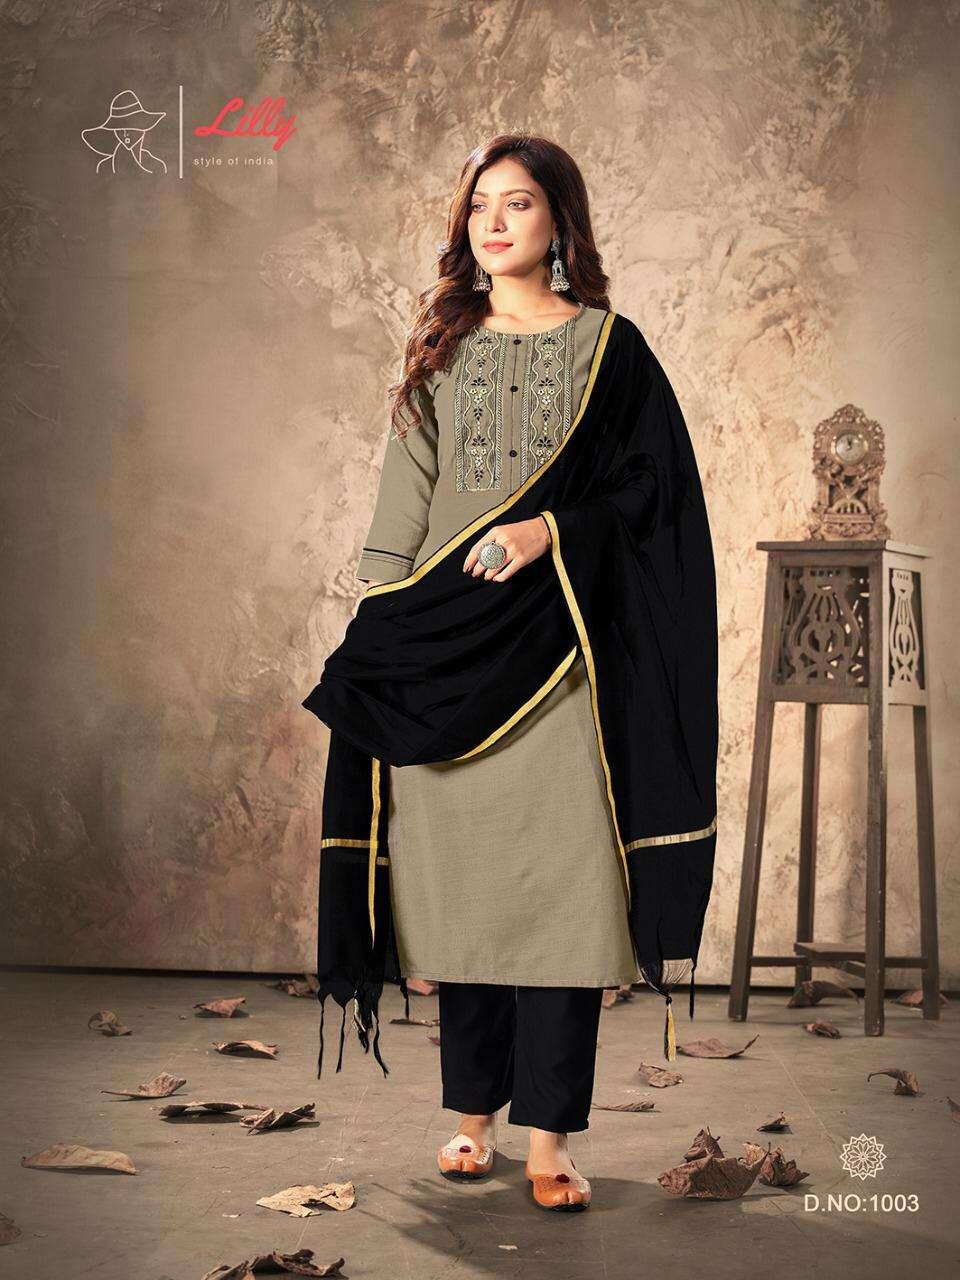 Lilly Shivali